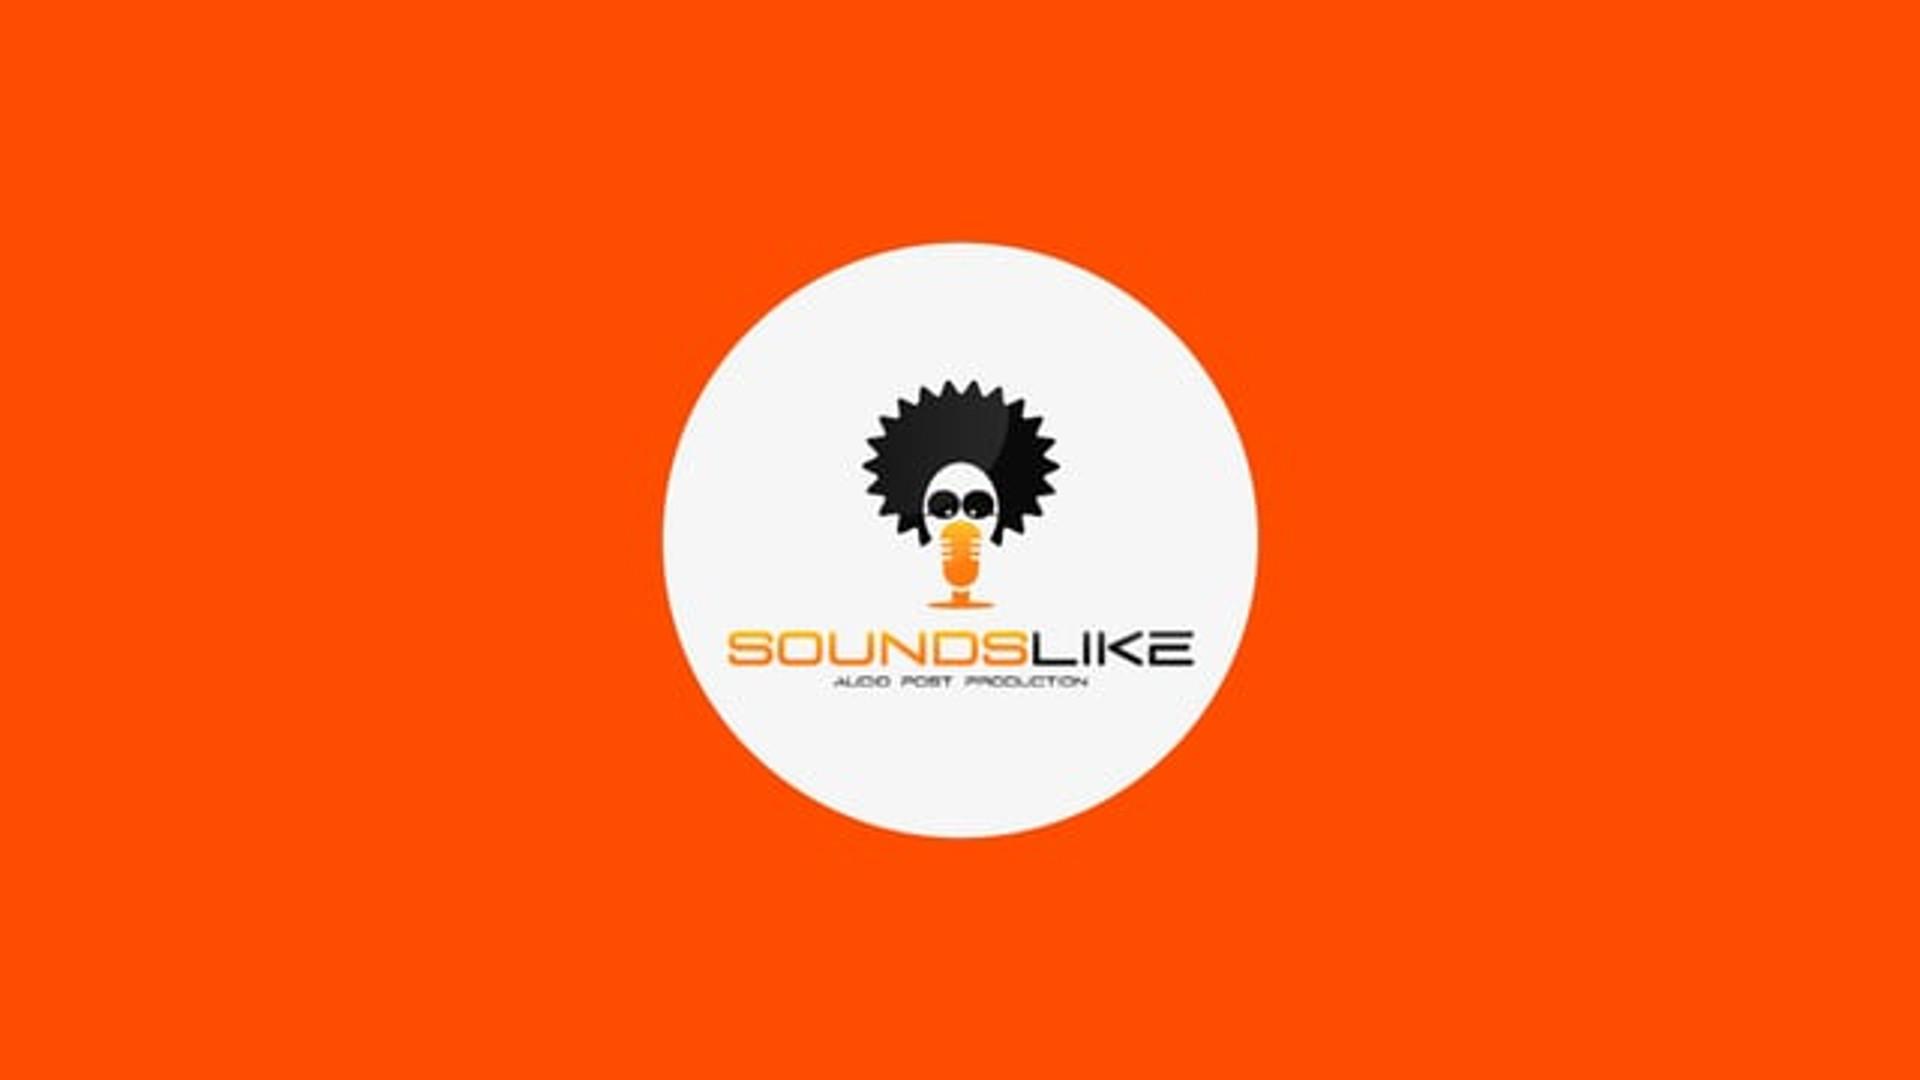 SoundsLike - Showreel